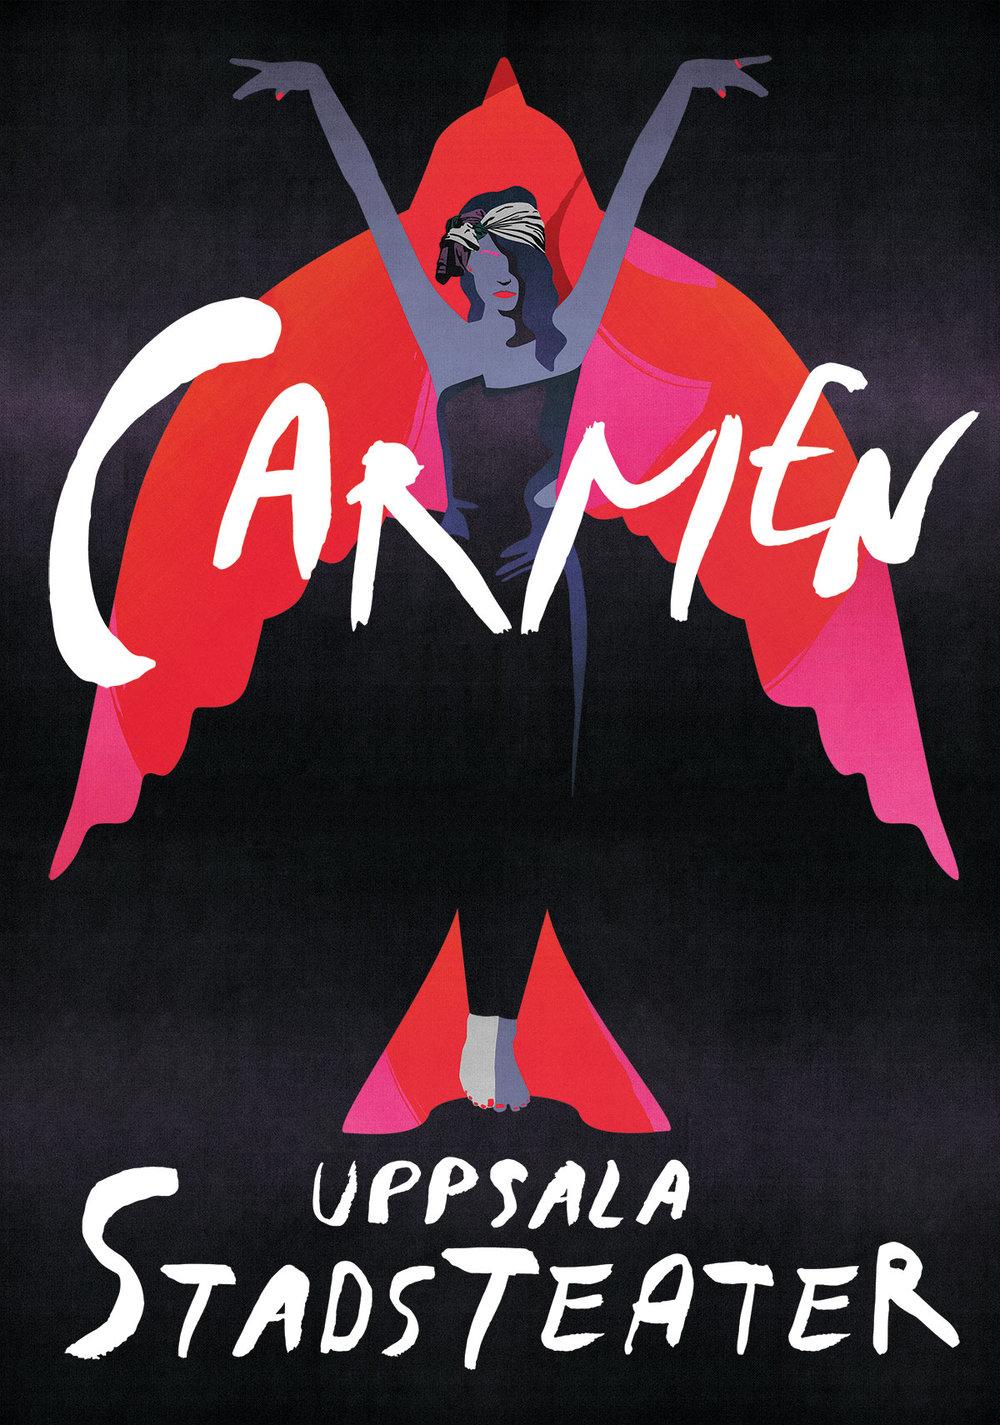 Carmen_Poster_myfont_1200.jpg